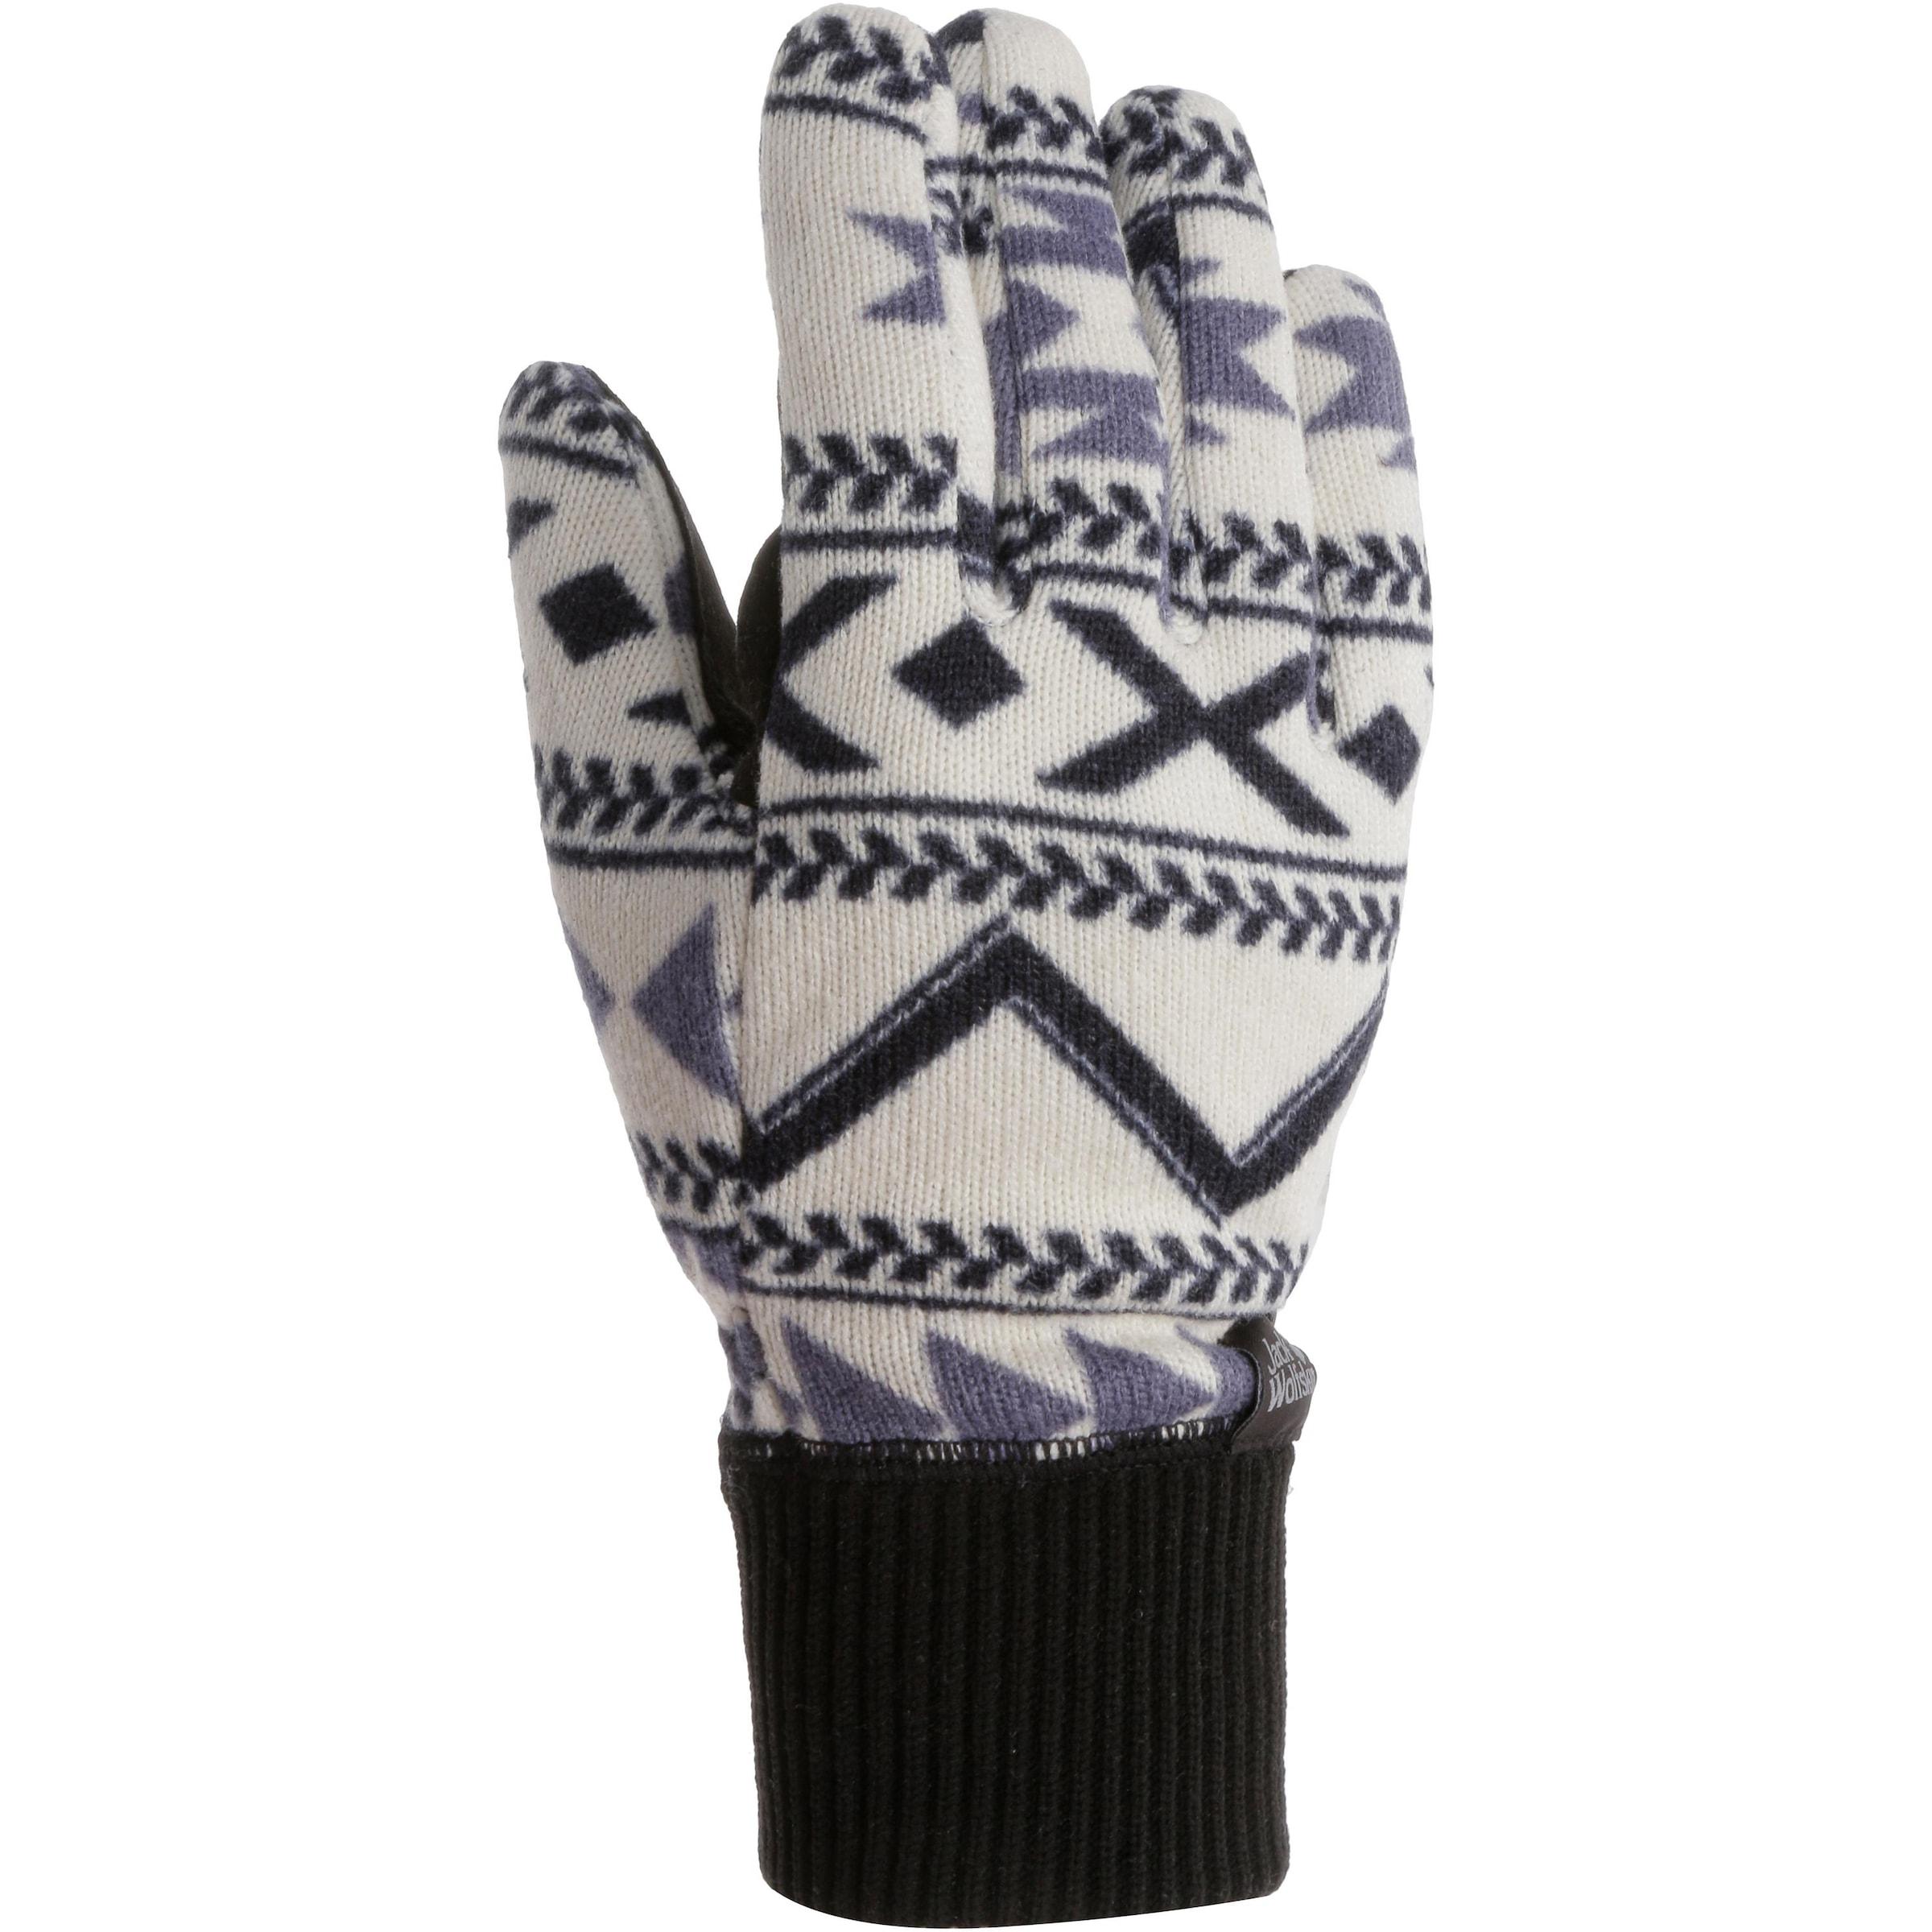 JACK WOLFSKIN 'HAZELTON GLOVE' Fingerhandschuhe Damen Auslassstellen Größte Anbieter Online Günstig Kaufen Manchester Finden Online-Großen Verkauf Neue Und Mode wAVB6msC